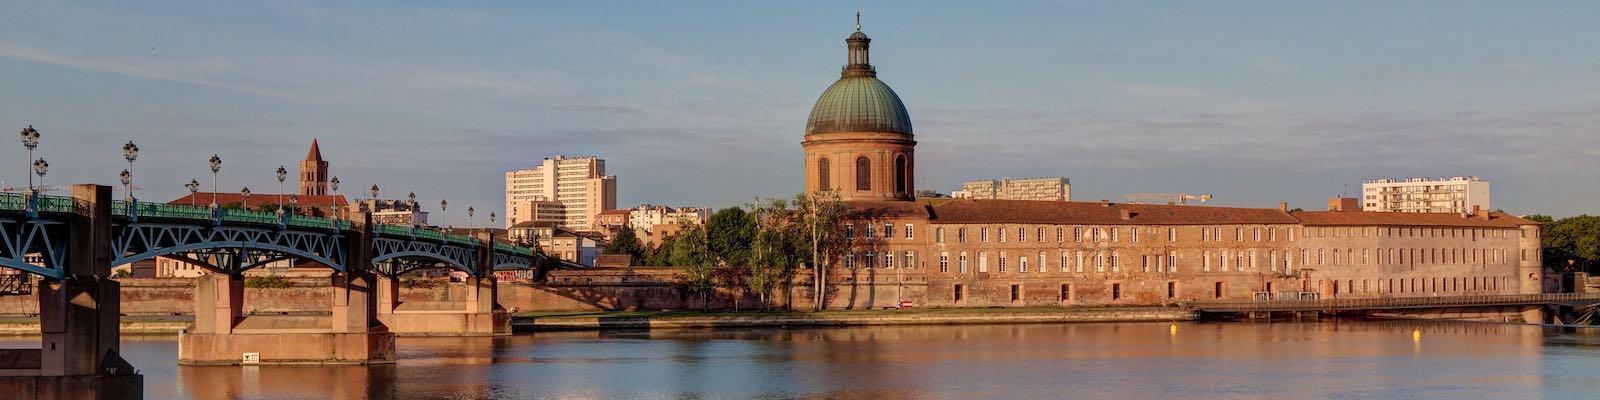 la ville rose le surnom de Toulouse ma ville